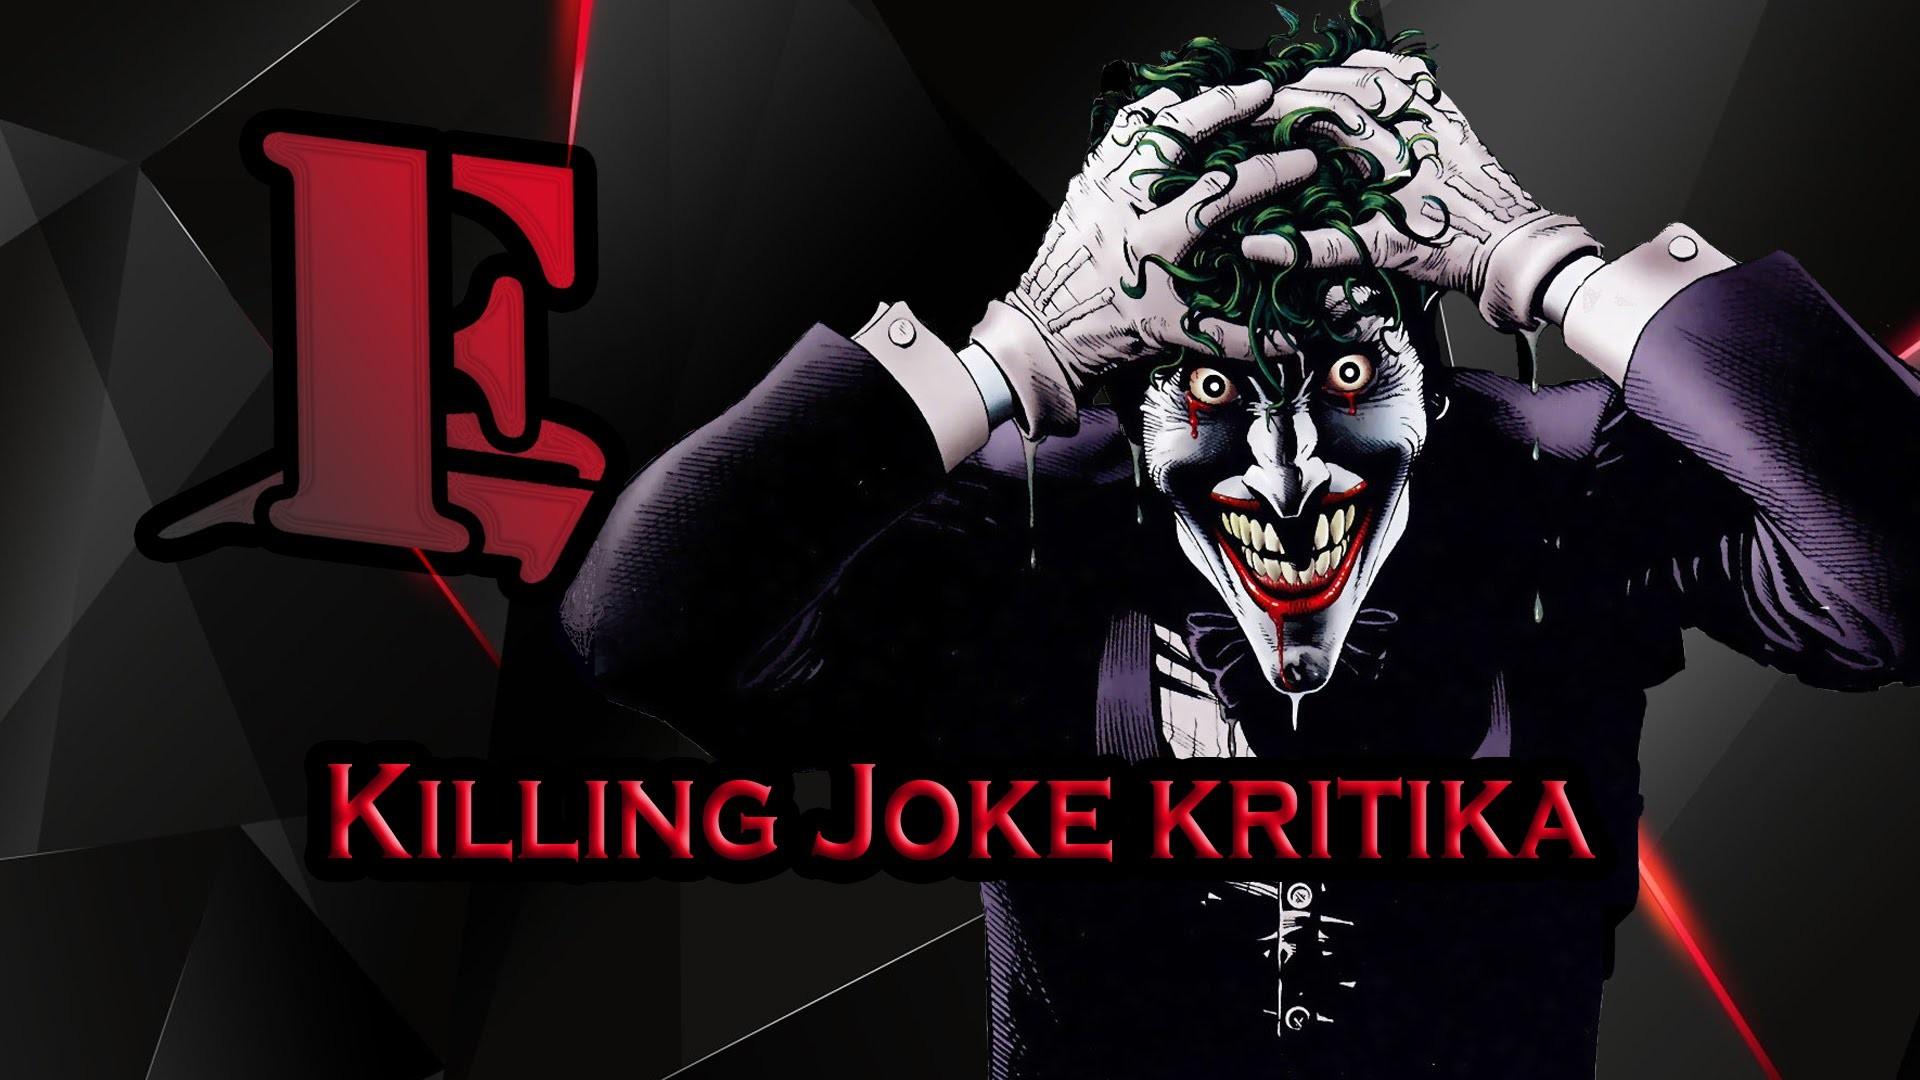 Batman The Killing Joke kritika